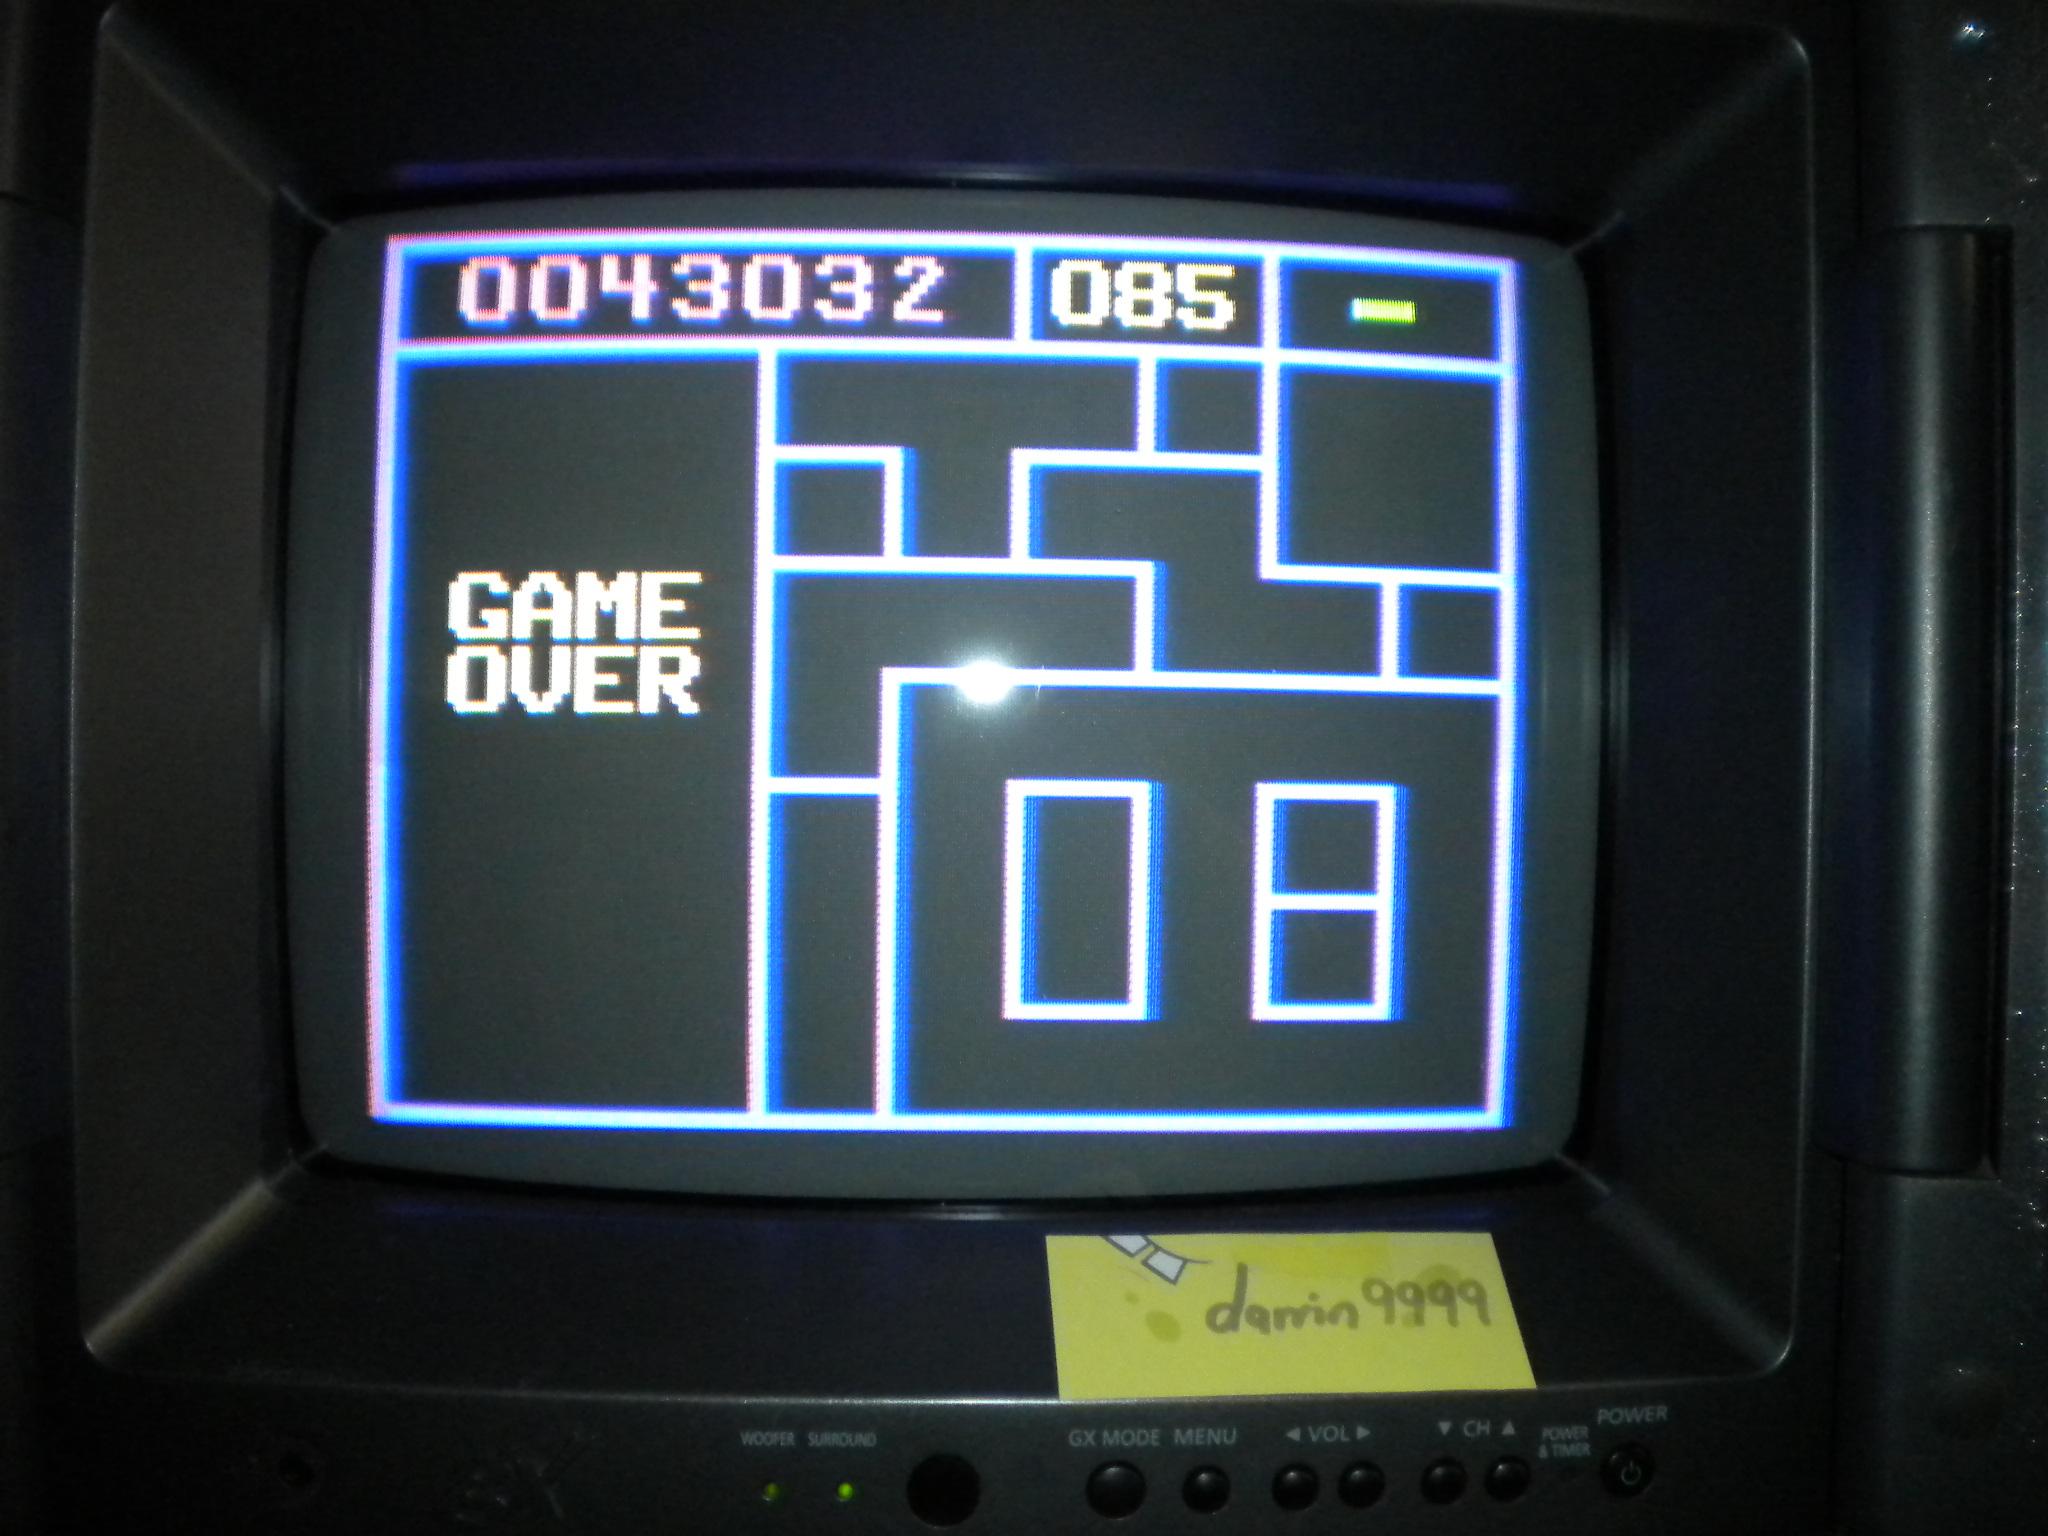 Puzzle Piece Panic! 43,032 points